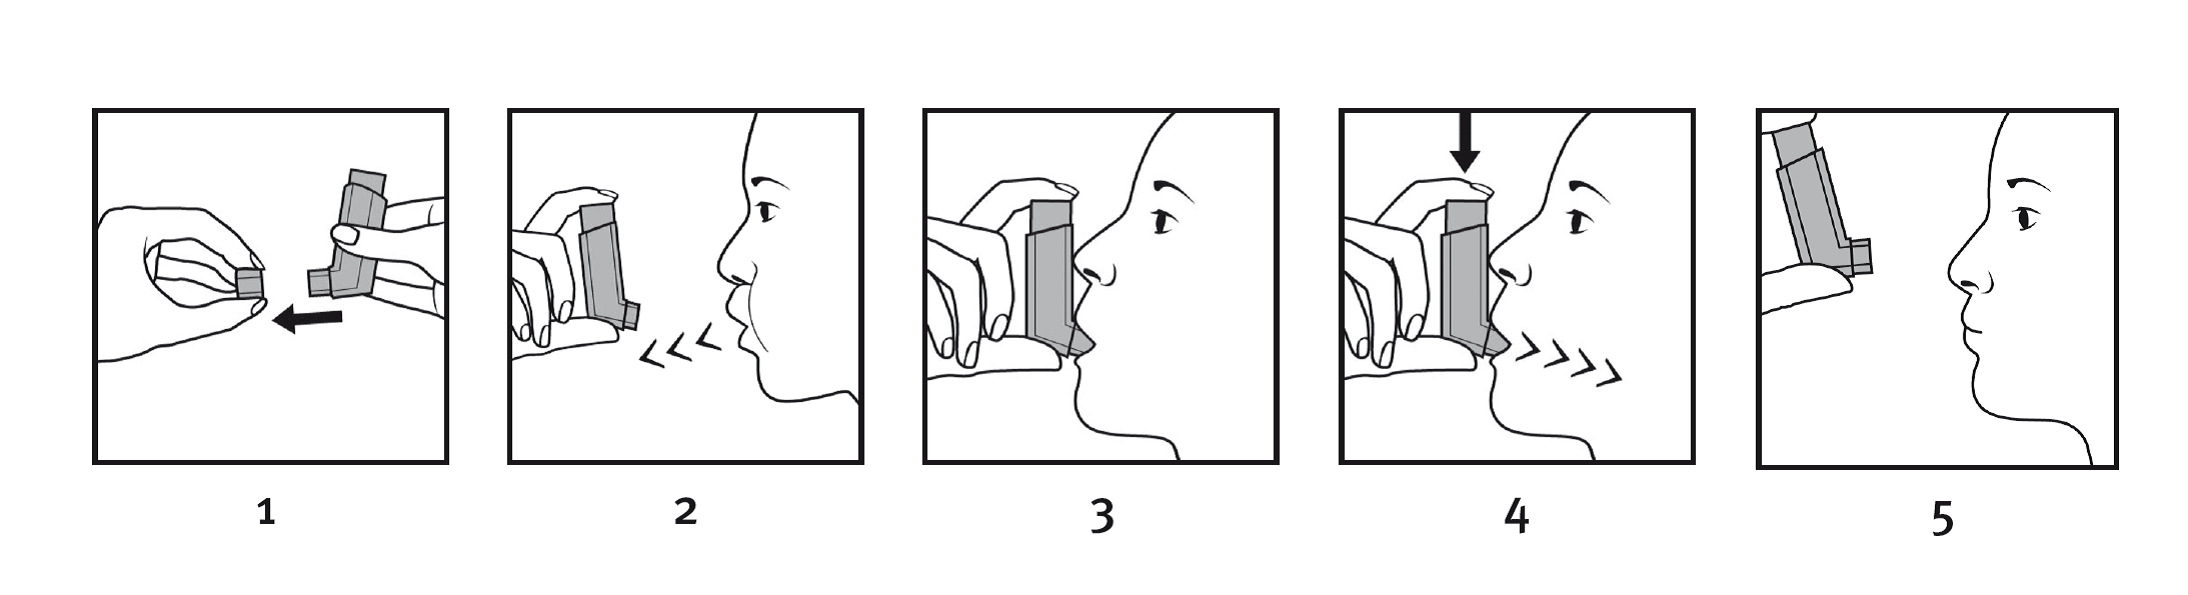 Steg för steg användning av inhalatorn